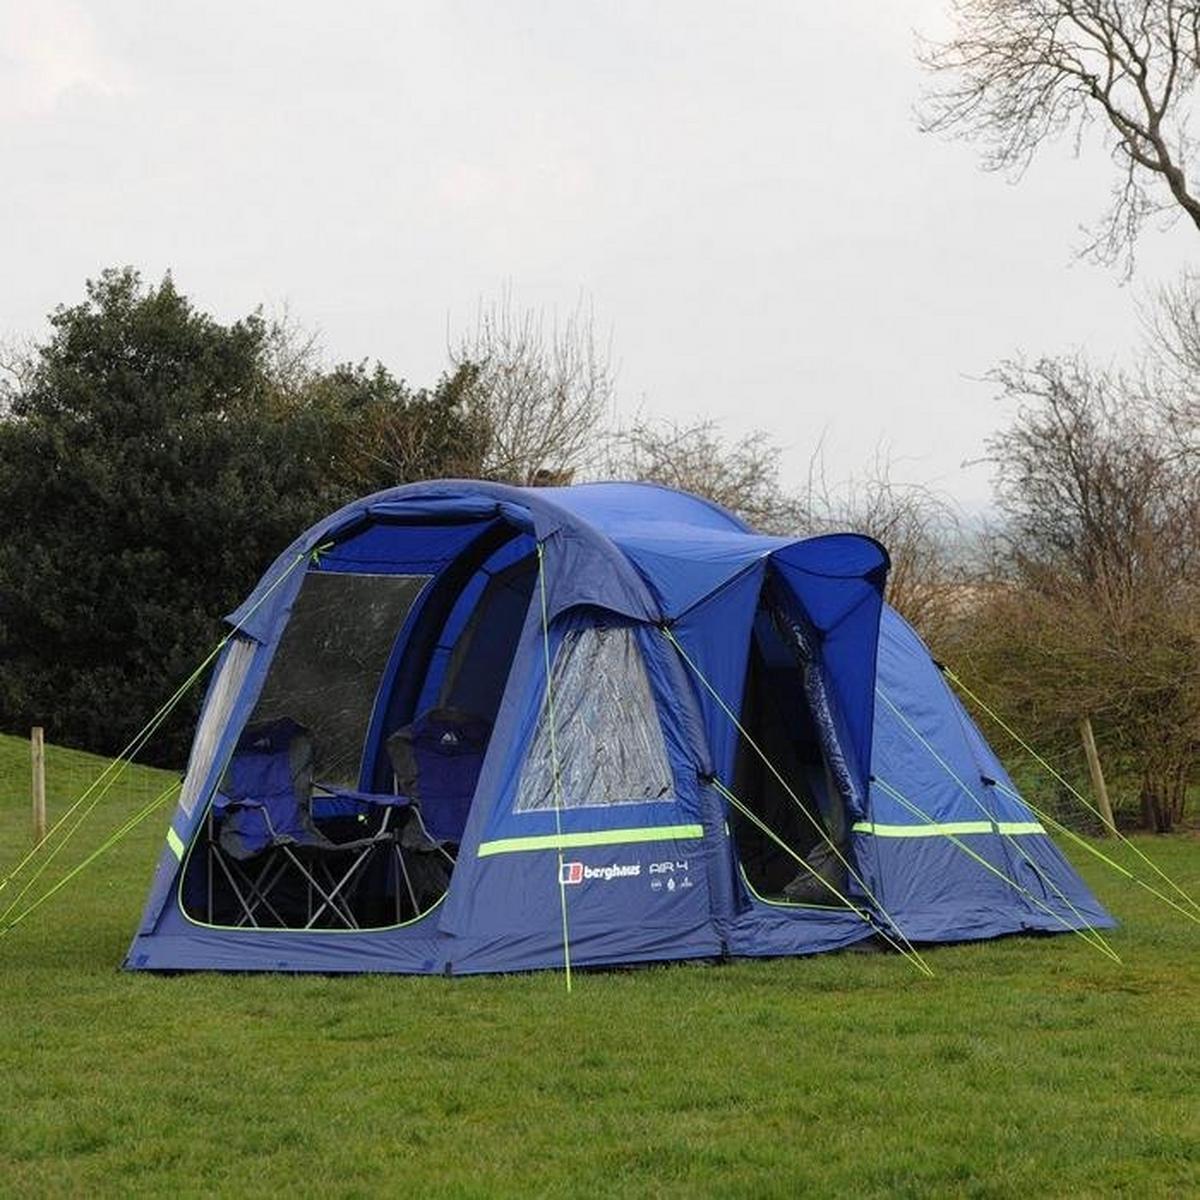 Berghaus Air 4   Four Person Tent